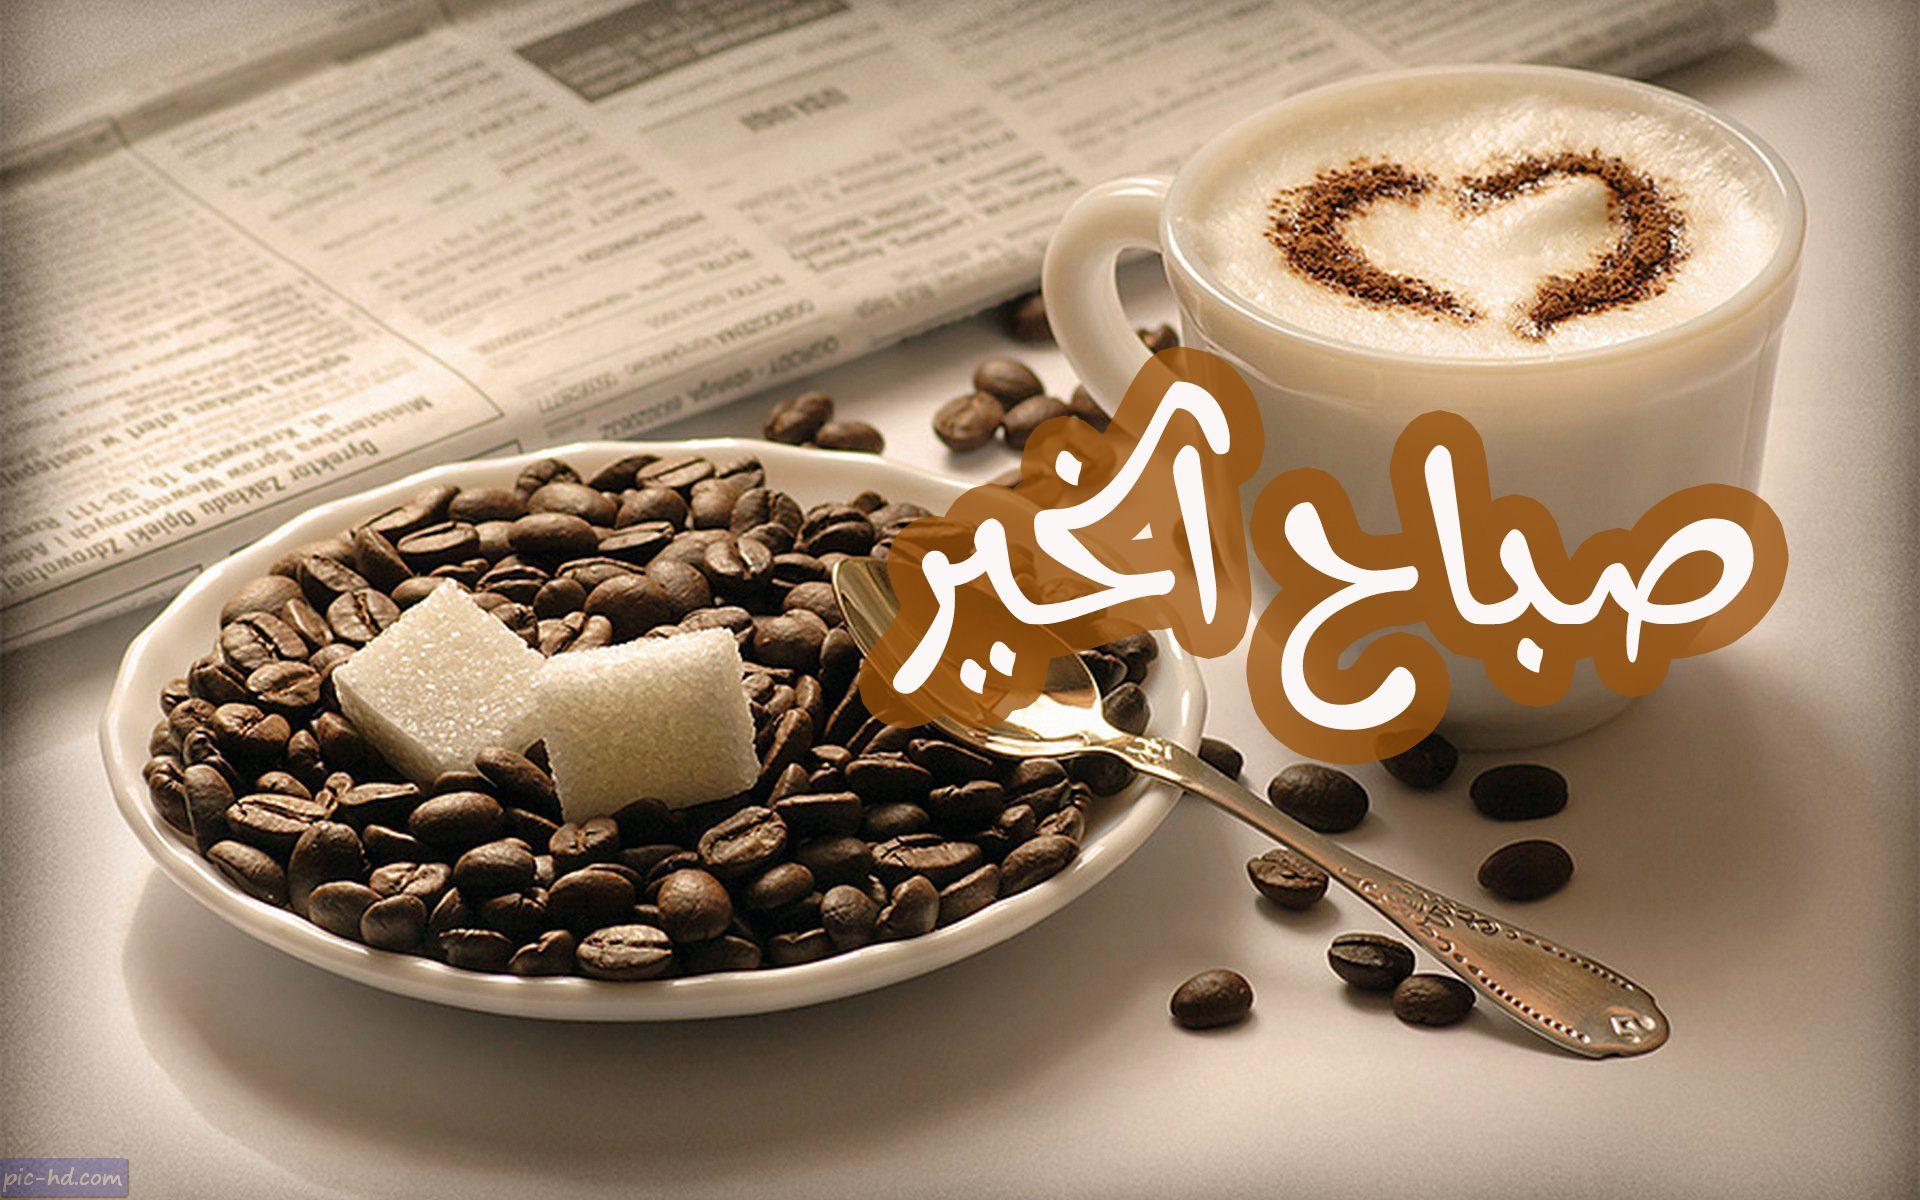 صور قهوة مكتوب عليها صباح الخير صور قهوة صباحية Good Morning Arabic Coffee Good Morning